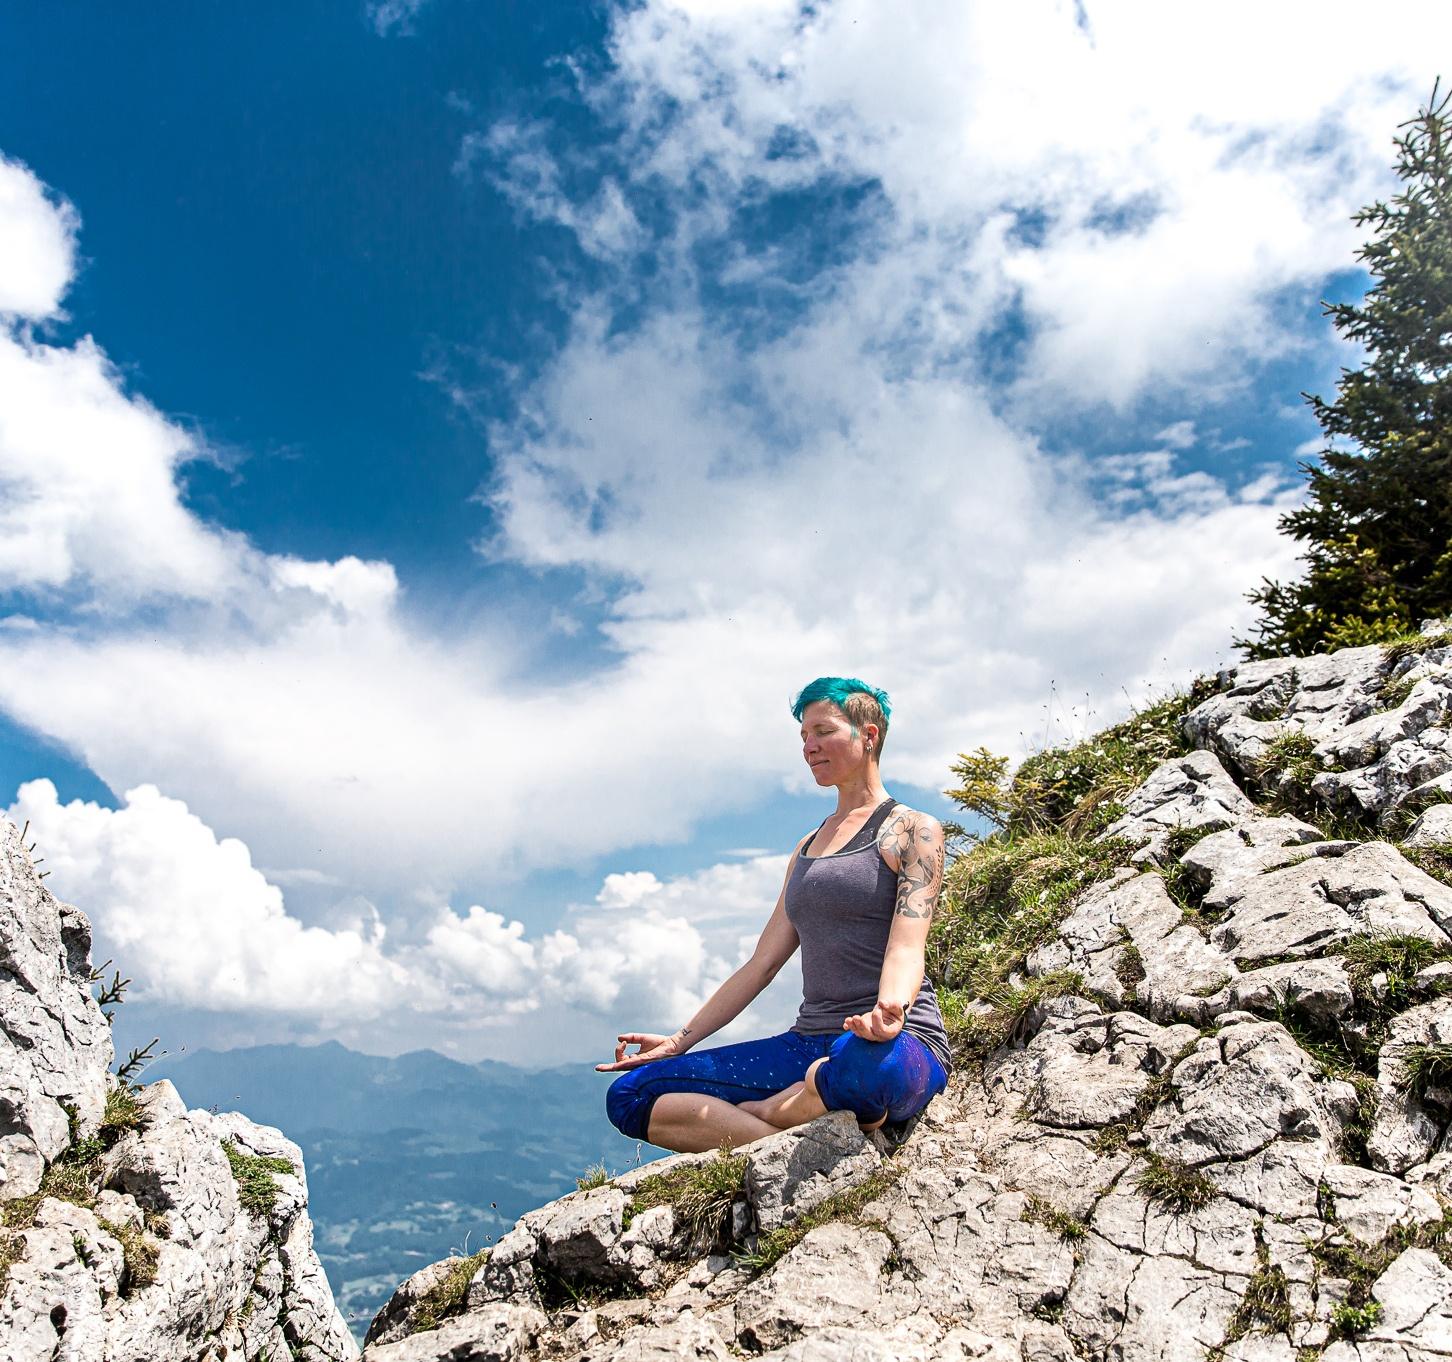 hatha-yoga-lotussitz-miri-zinck-auf-berg-mit-wolkenhimmel